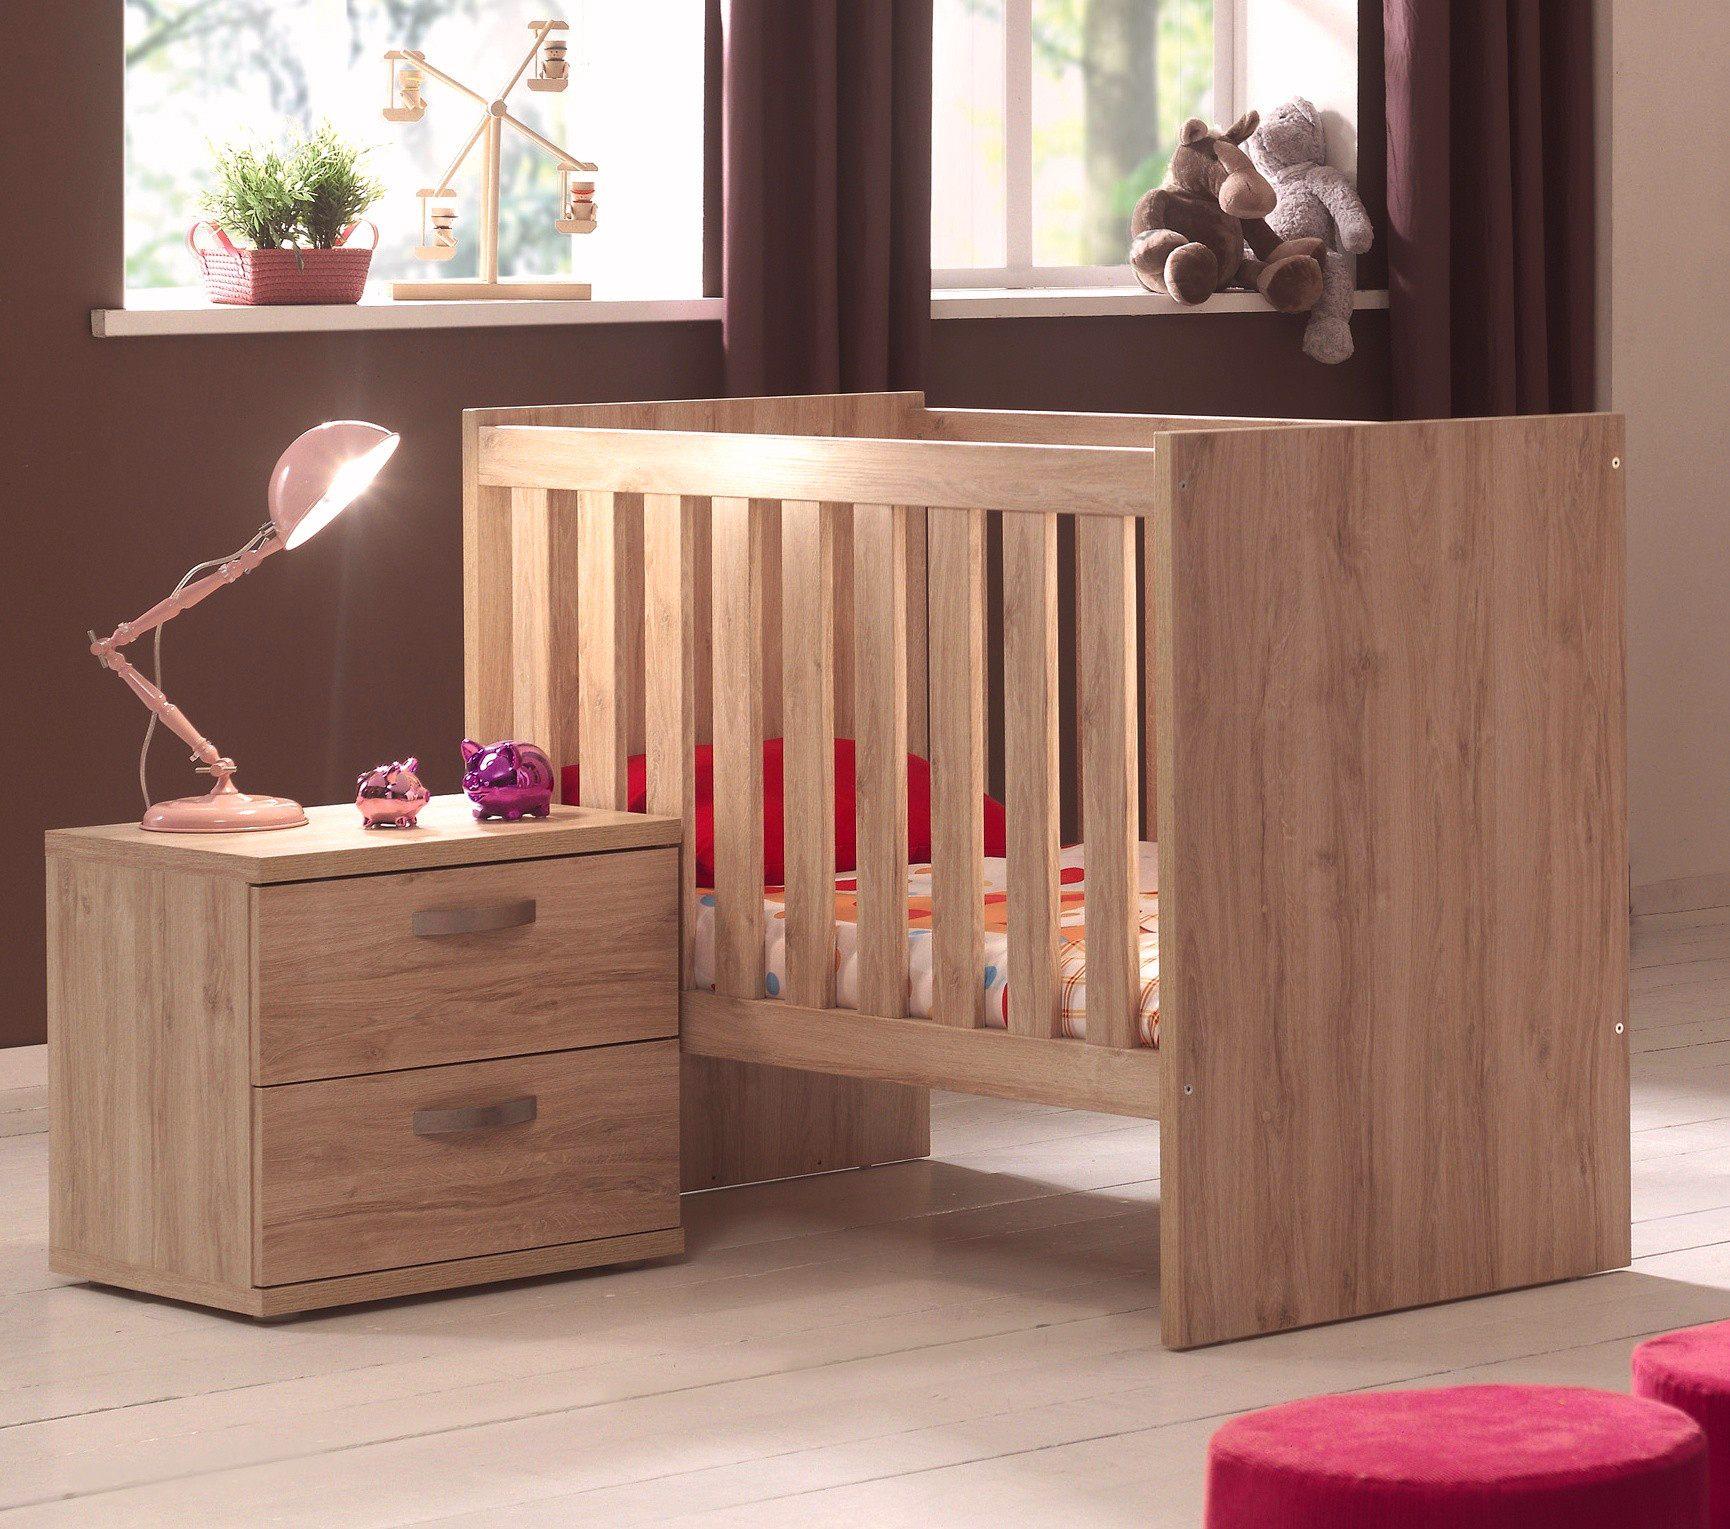 Lit Enfant Palette Le Luxe Meuble De Chambre En Bois Chambre En Palette De Bois Lit Sur Palette